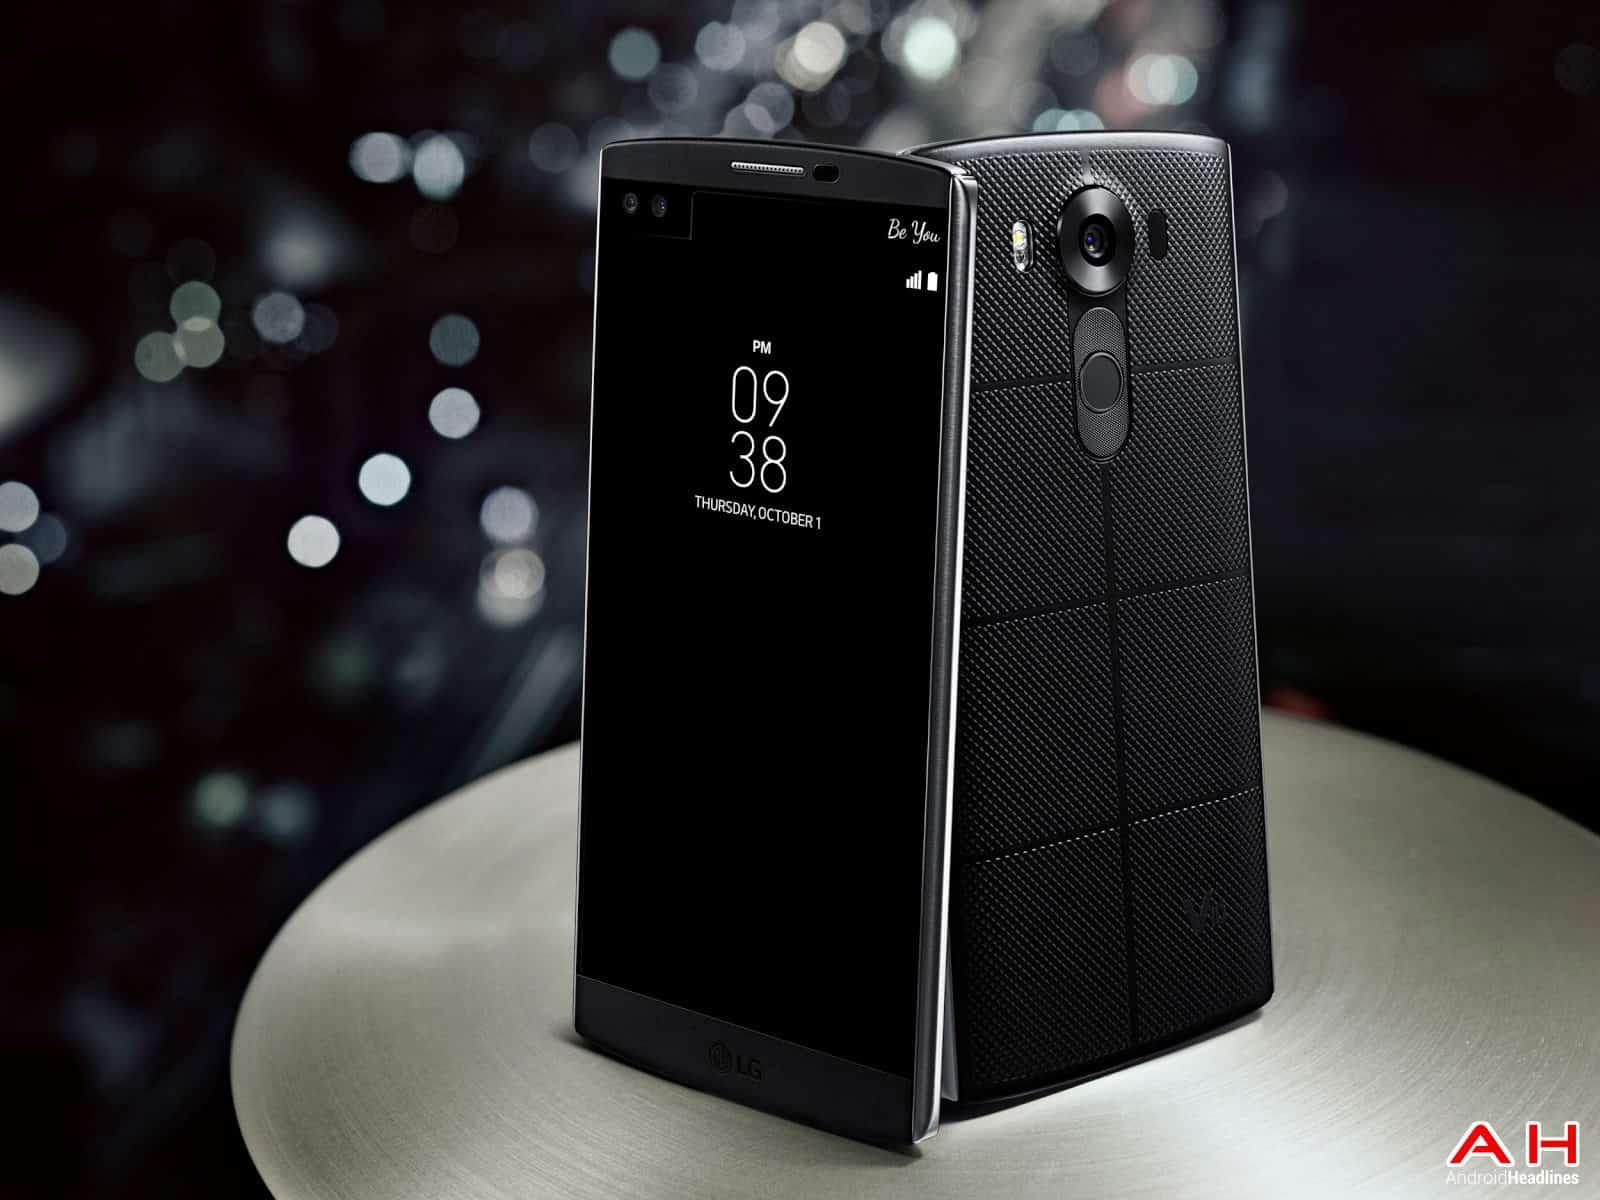 AH LG V10 Smartphone - Press Images-6